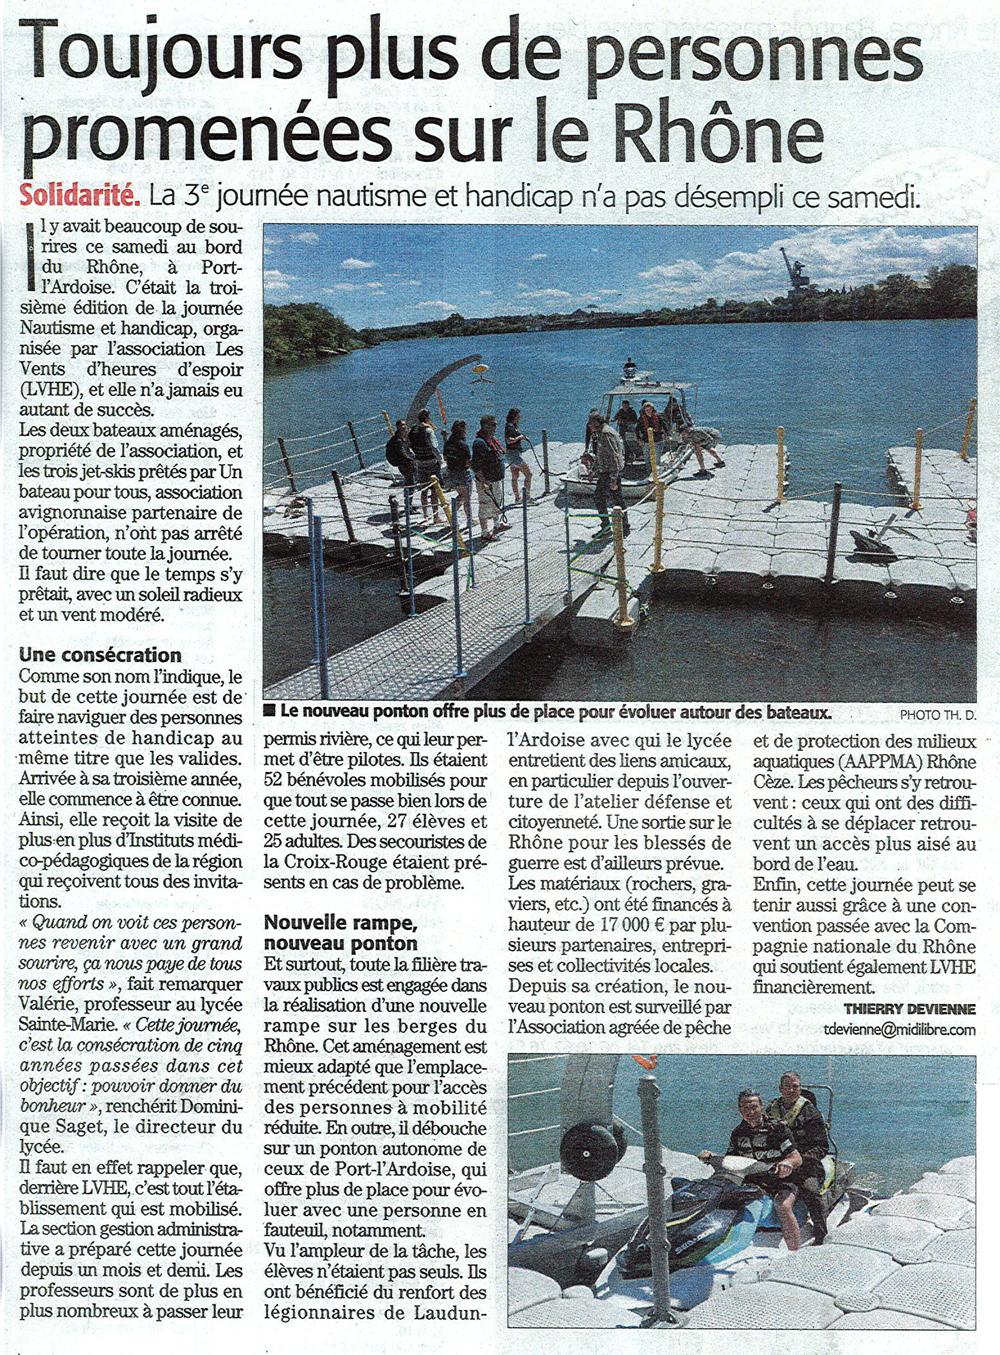 Toujours-plus-de'personnes-promenées-sur-le-Rhône